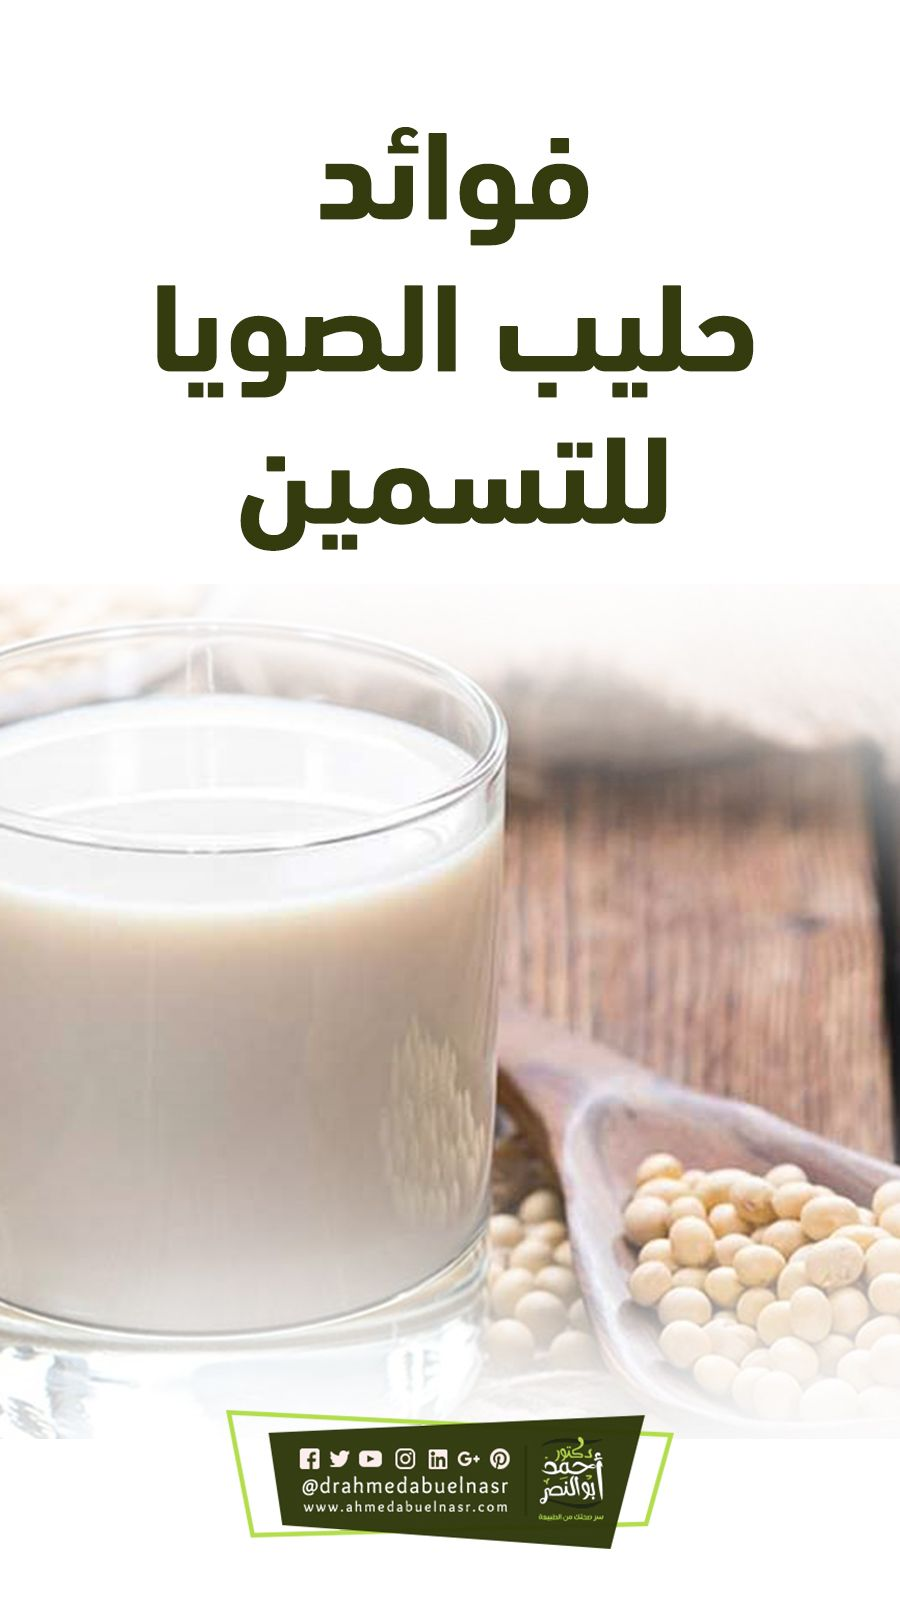 فوائد حليب الصويا للتسمين Milk Glass Of Milk Food